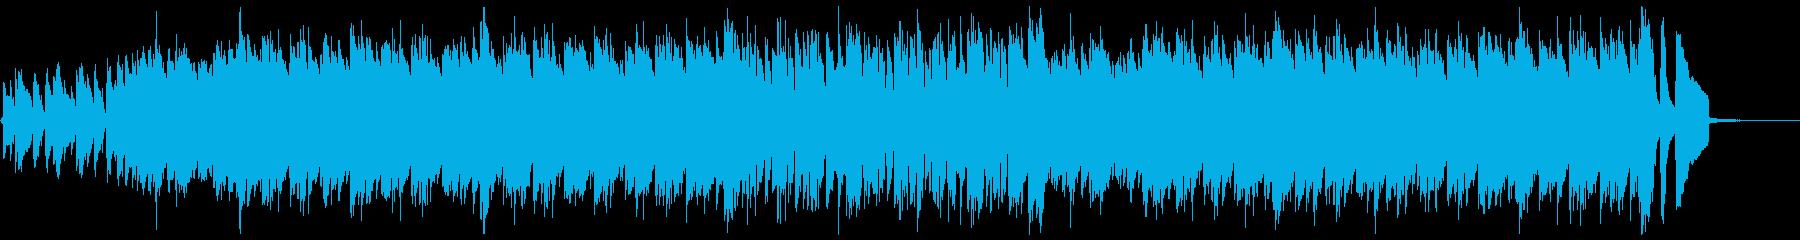 ウクレレ・ハッピー・ポジティブ・明るいBの再生済みの波形